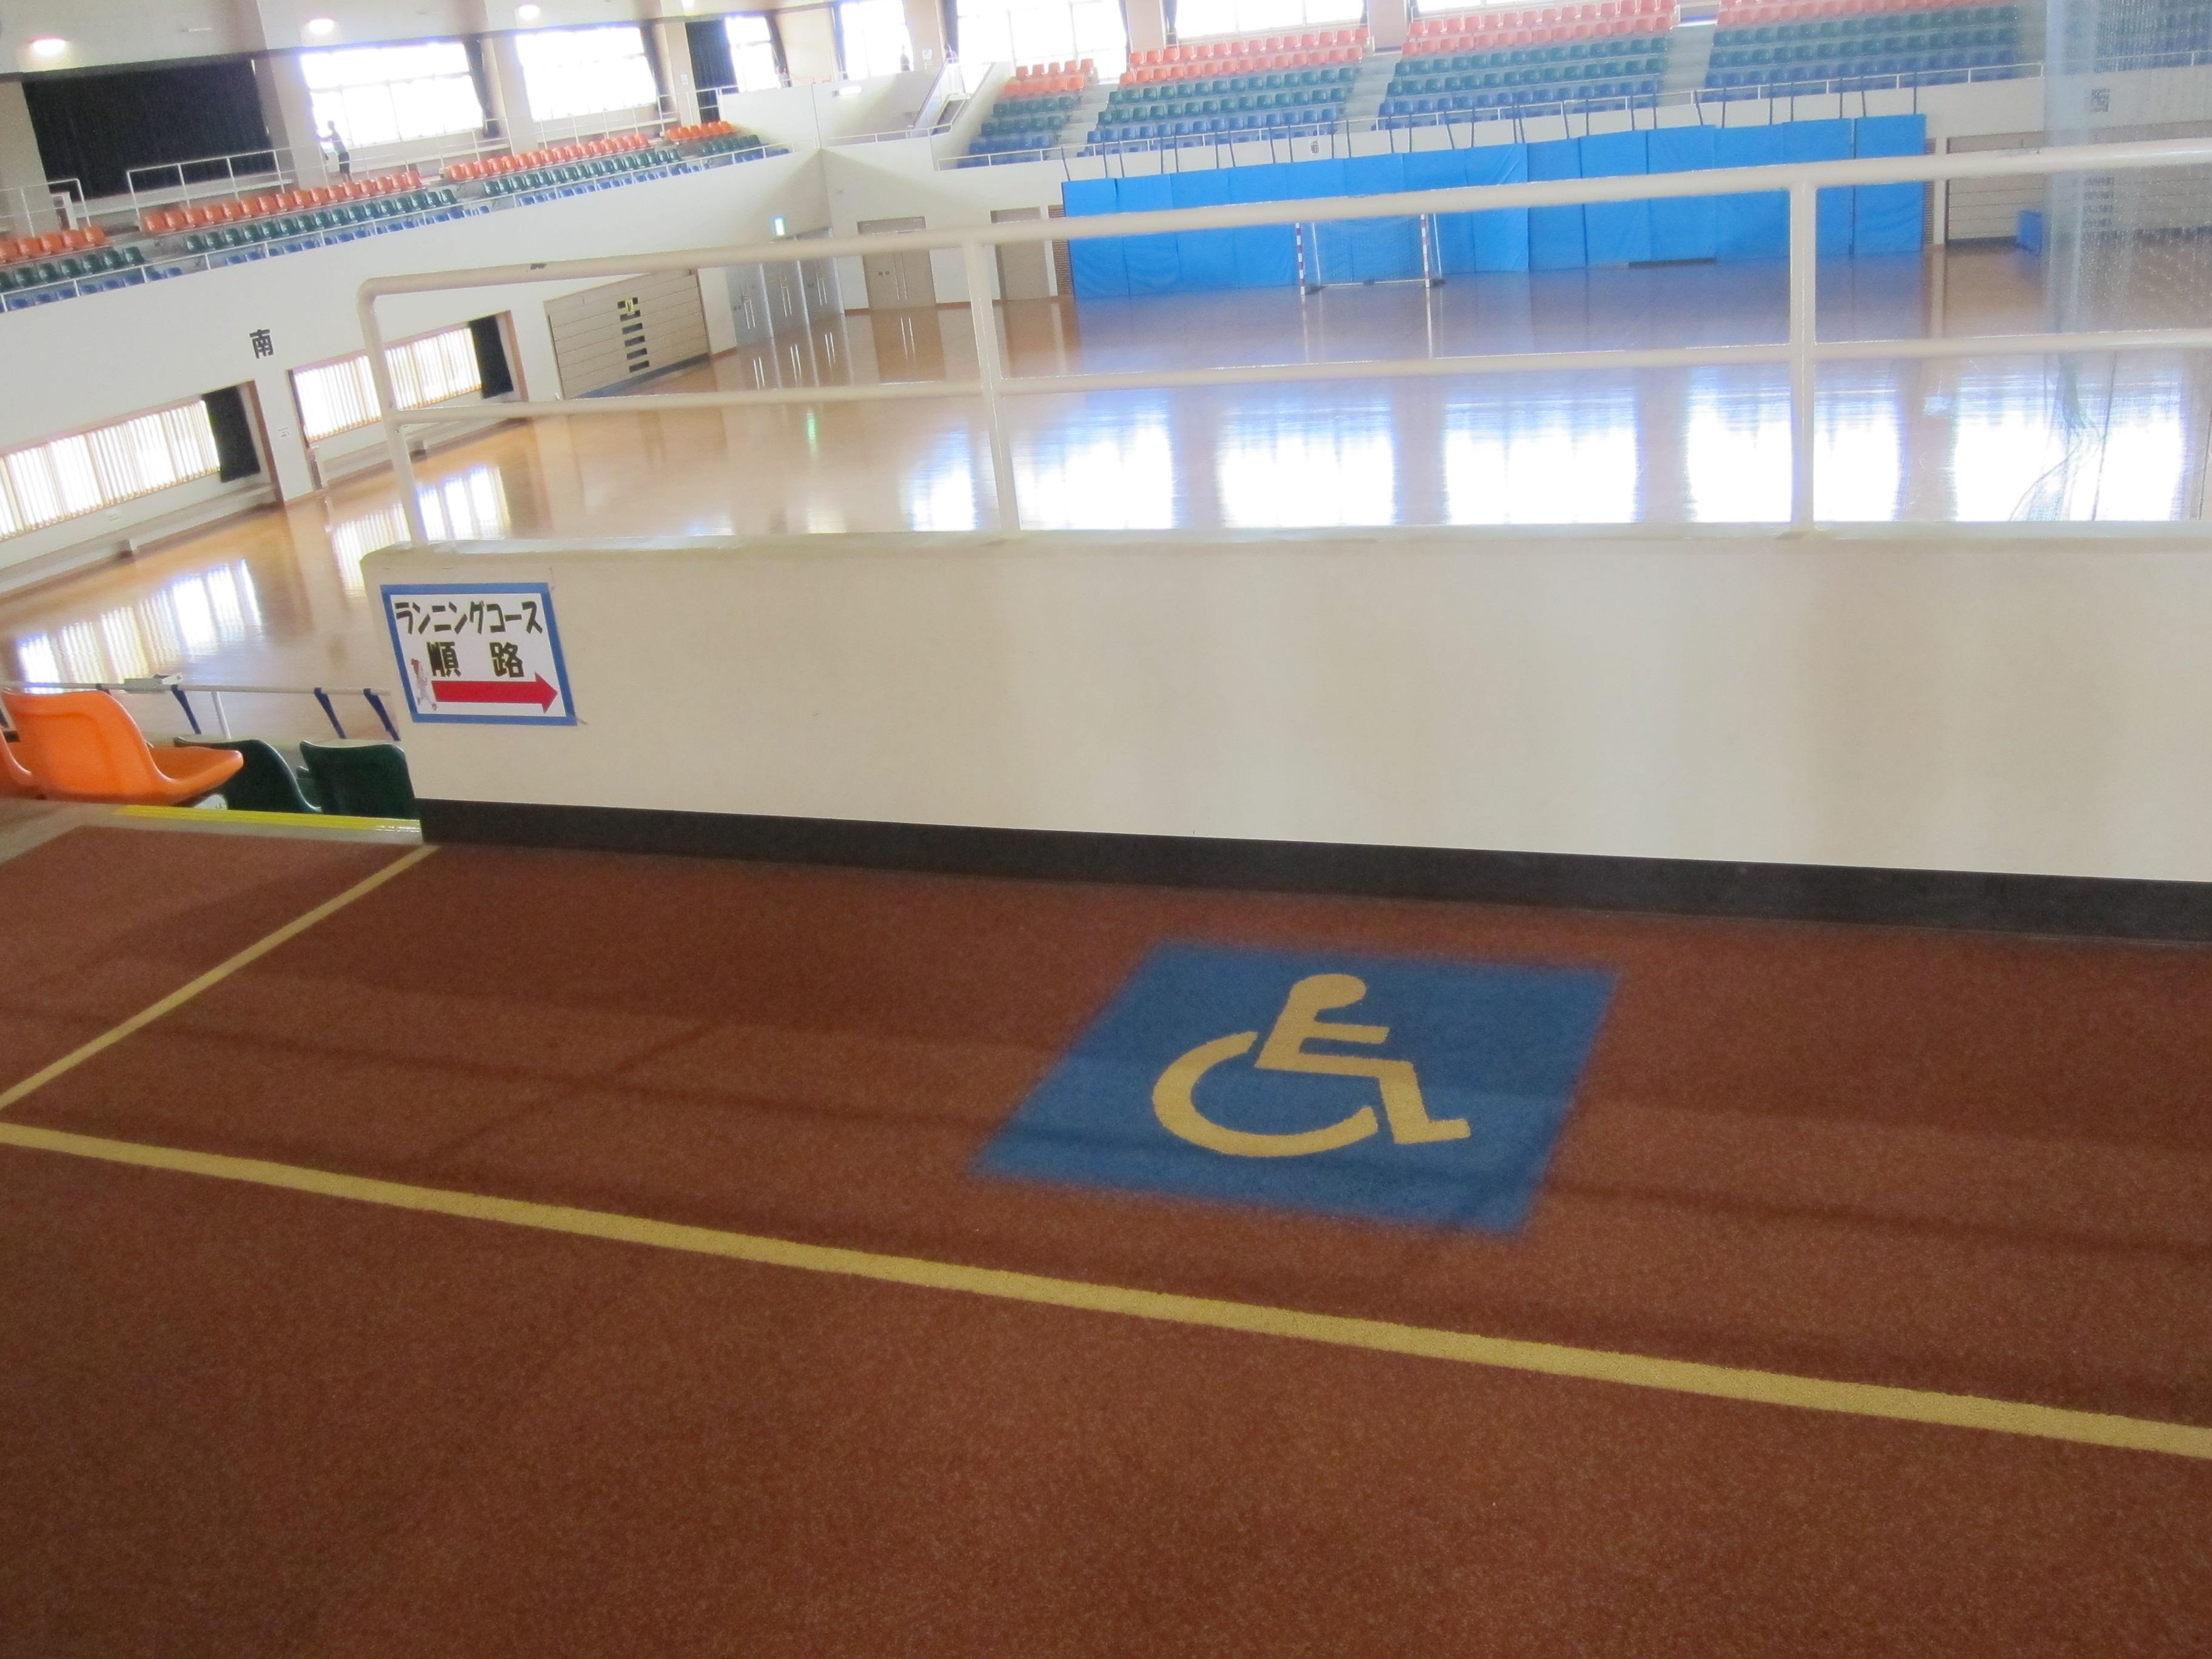 豐見城市民體育館主運動場館上觀眾席備考量輪椅身障者的需求,備有無障礙觀眾席位,可停放多部輪椅。